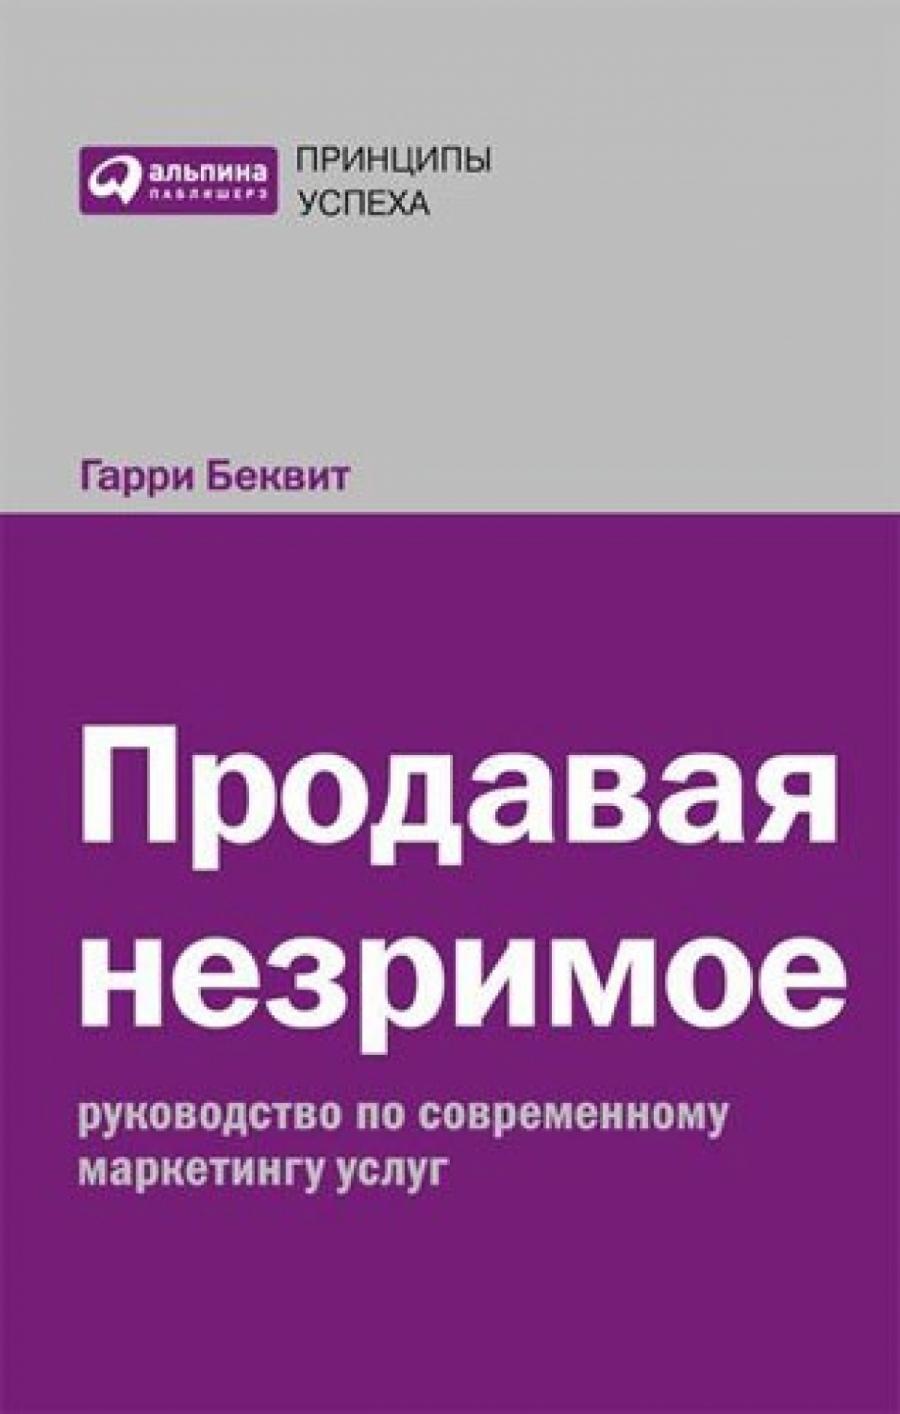 Обложка книги:  гарри беквит - продавая незримое